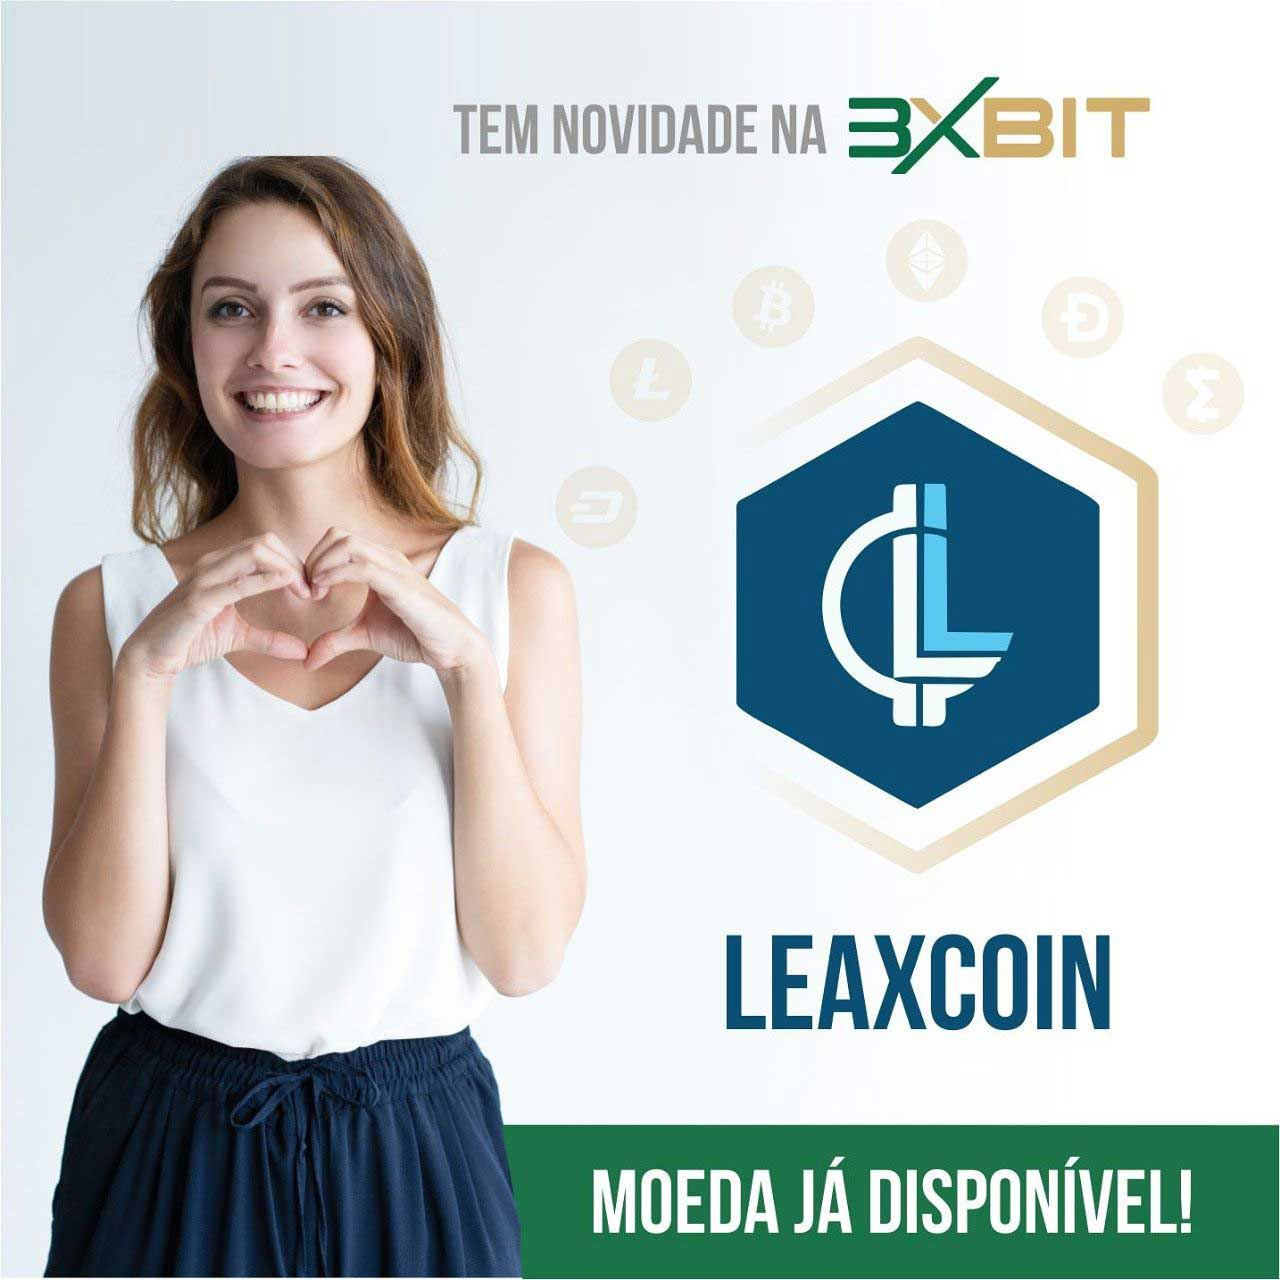 Webitcoin: 3xBit acrescenta Leaxcoin em sua plataforma!